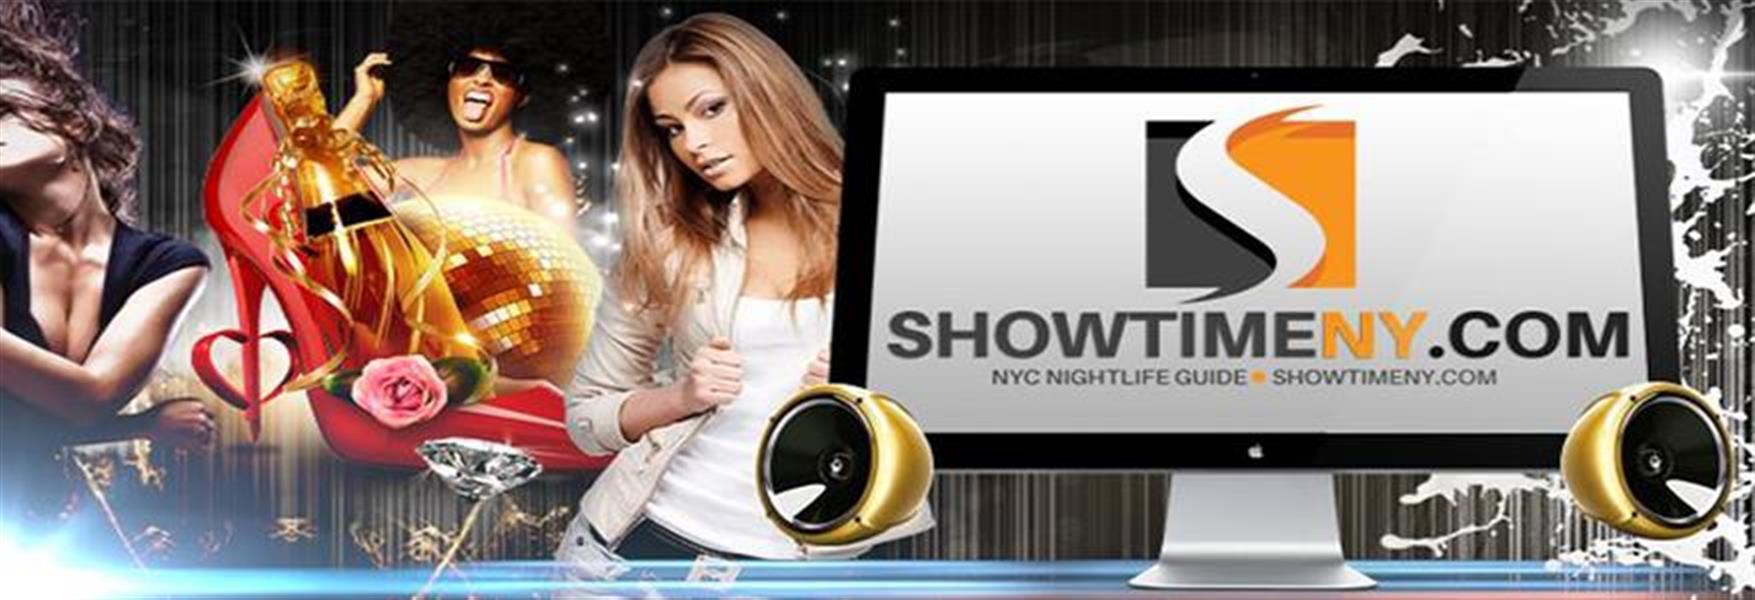 4fcd26f2-19bd-4454-8c67-da4b8b756708_showtime banner long.jpg